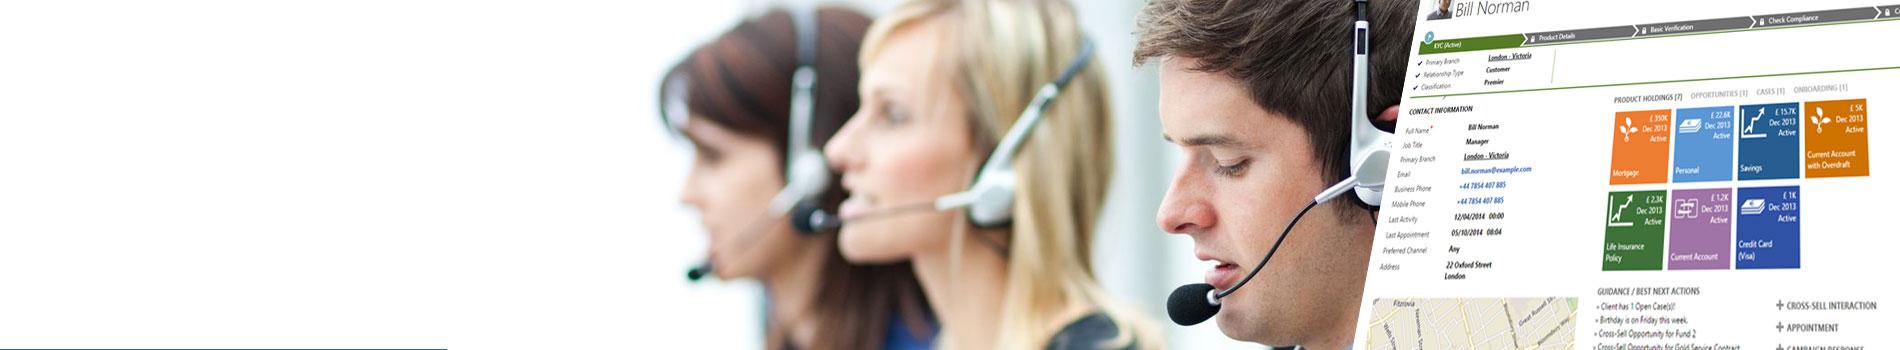 servicio-cliente-crm